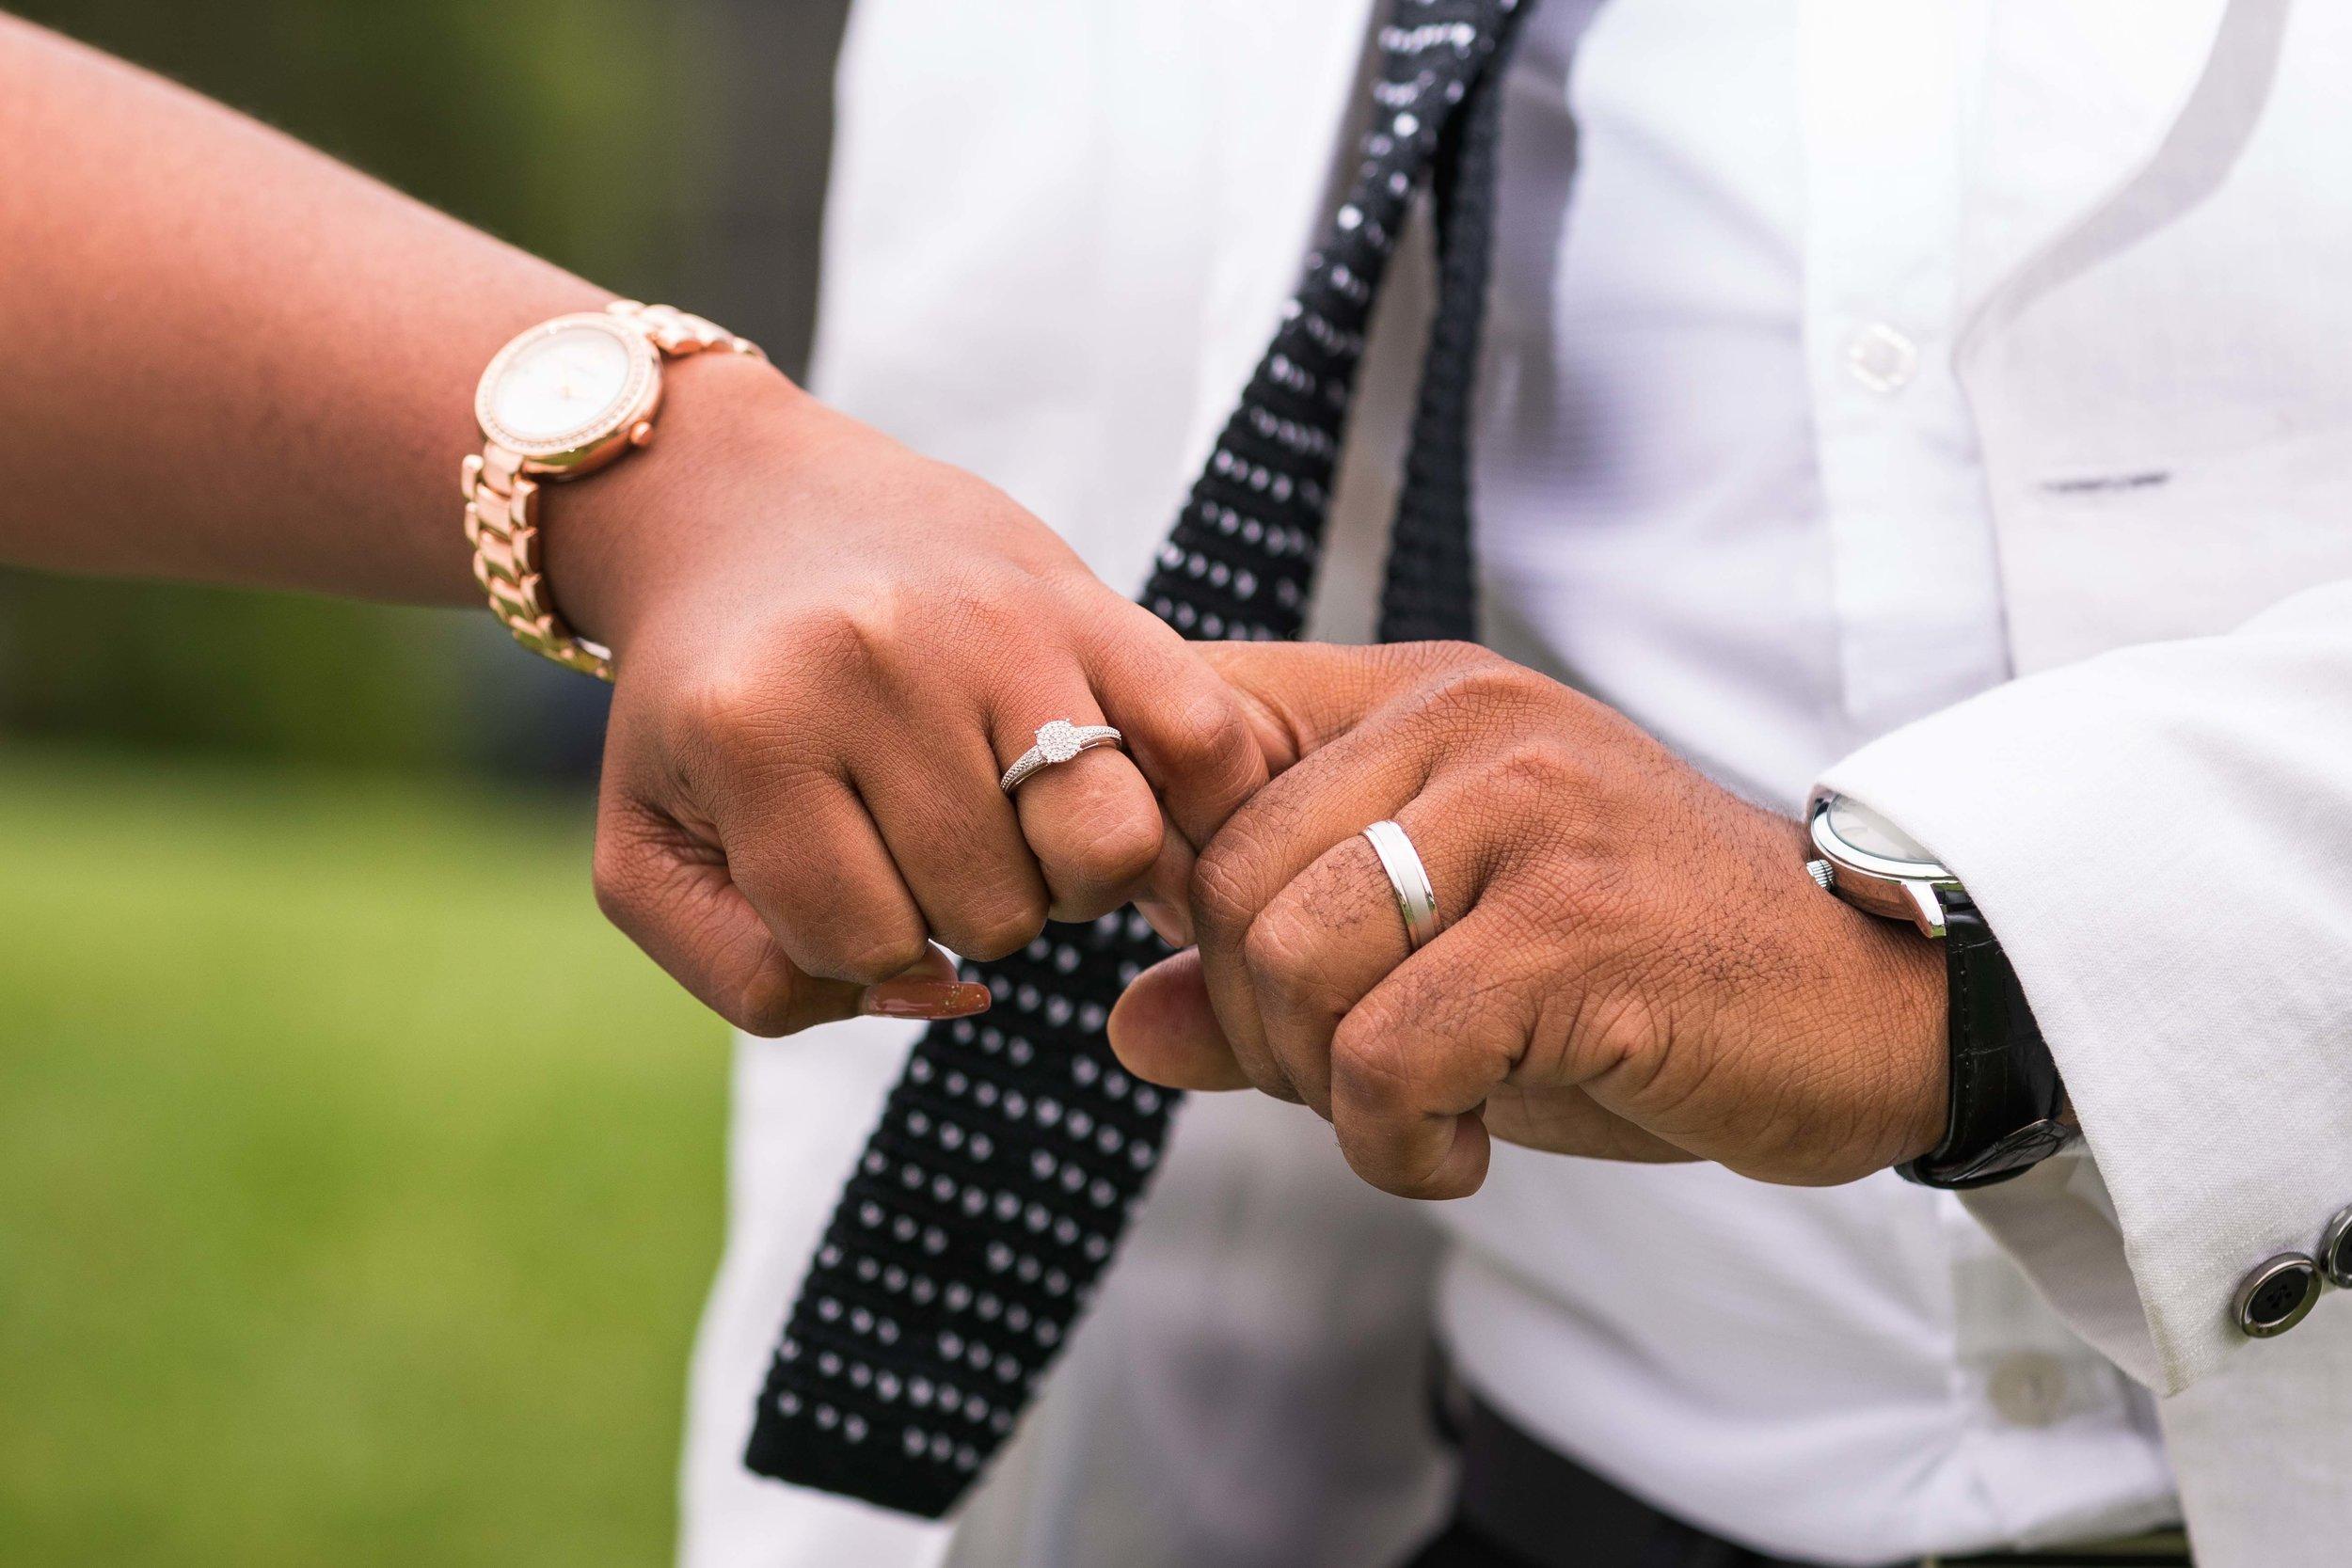 TECHVERVE: Botswana wedding photography.